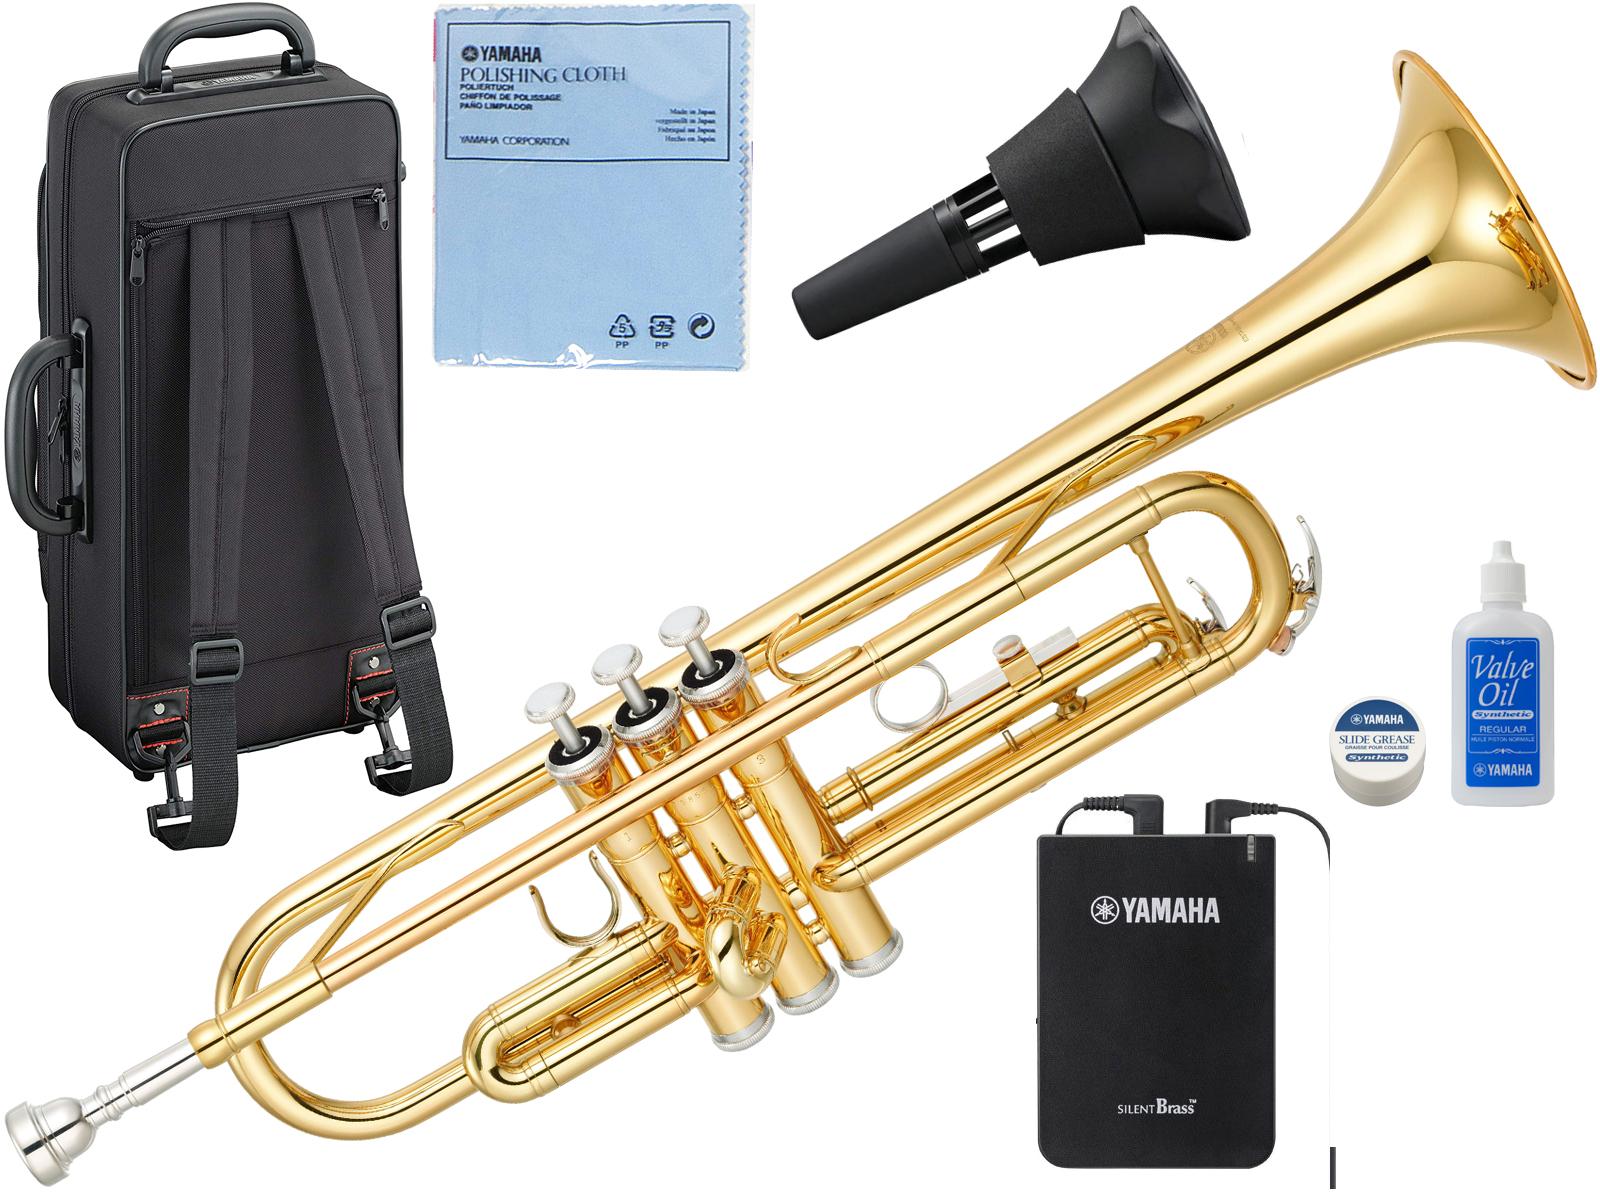 YAMAHA ( ヤマハ ) YTR-3335 トランペット リバース管 ゴールド 1本支柱 管楽器 B♭ 正規品 YTR-3335-01 Trumpet サイレントブラス SB7X セット E 北海道 沖縄 離島 不可